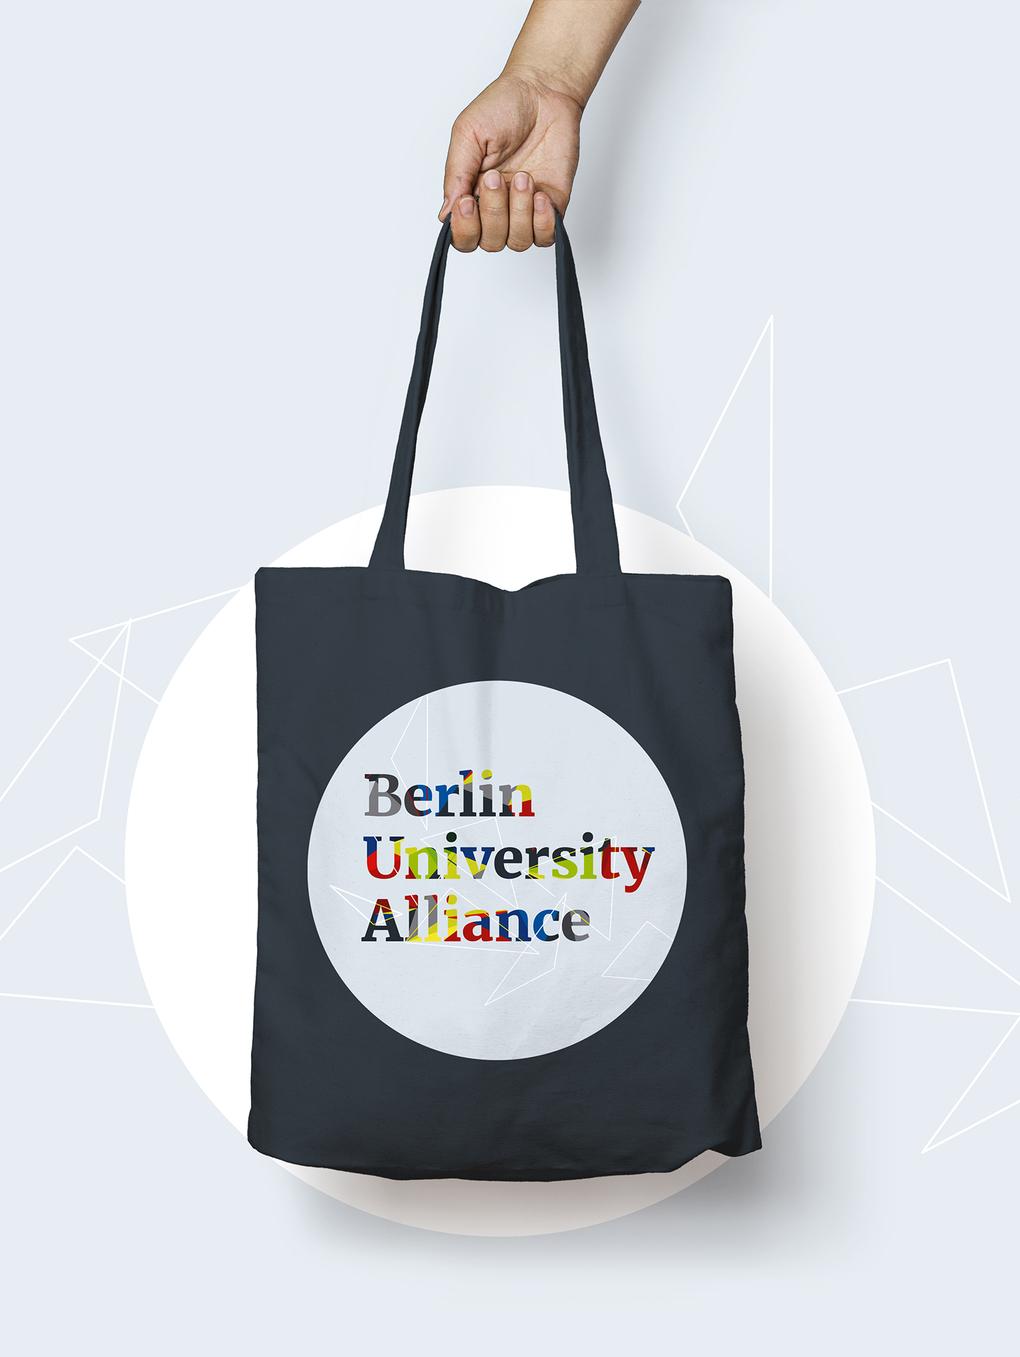 Berlin University Alliance Begehung Werbemittel